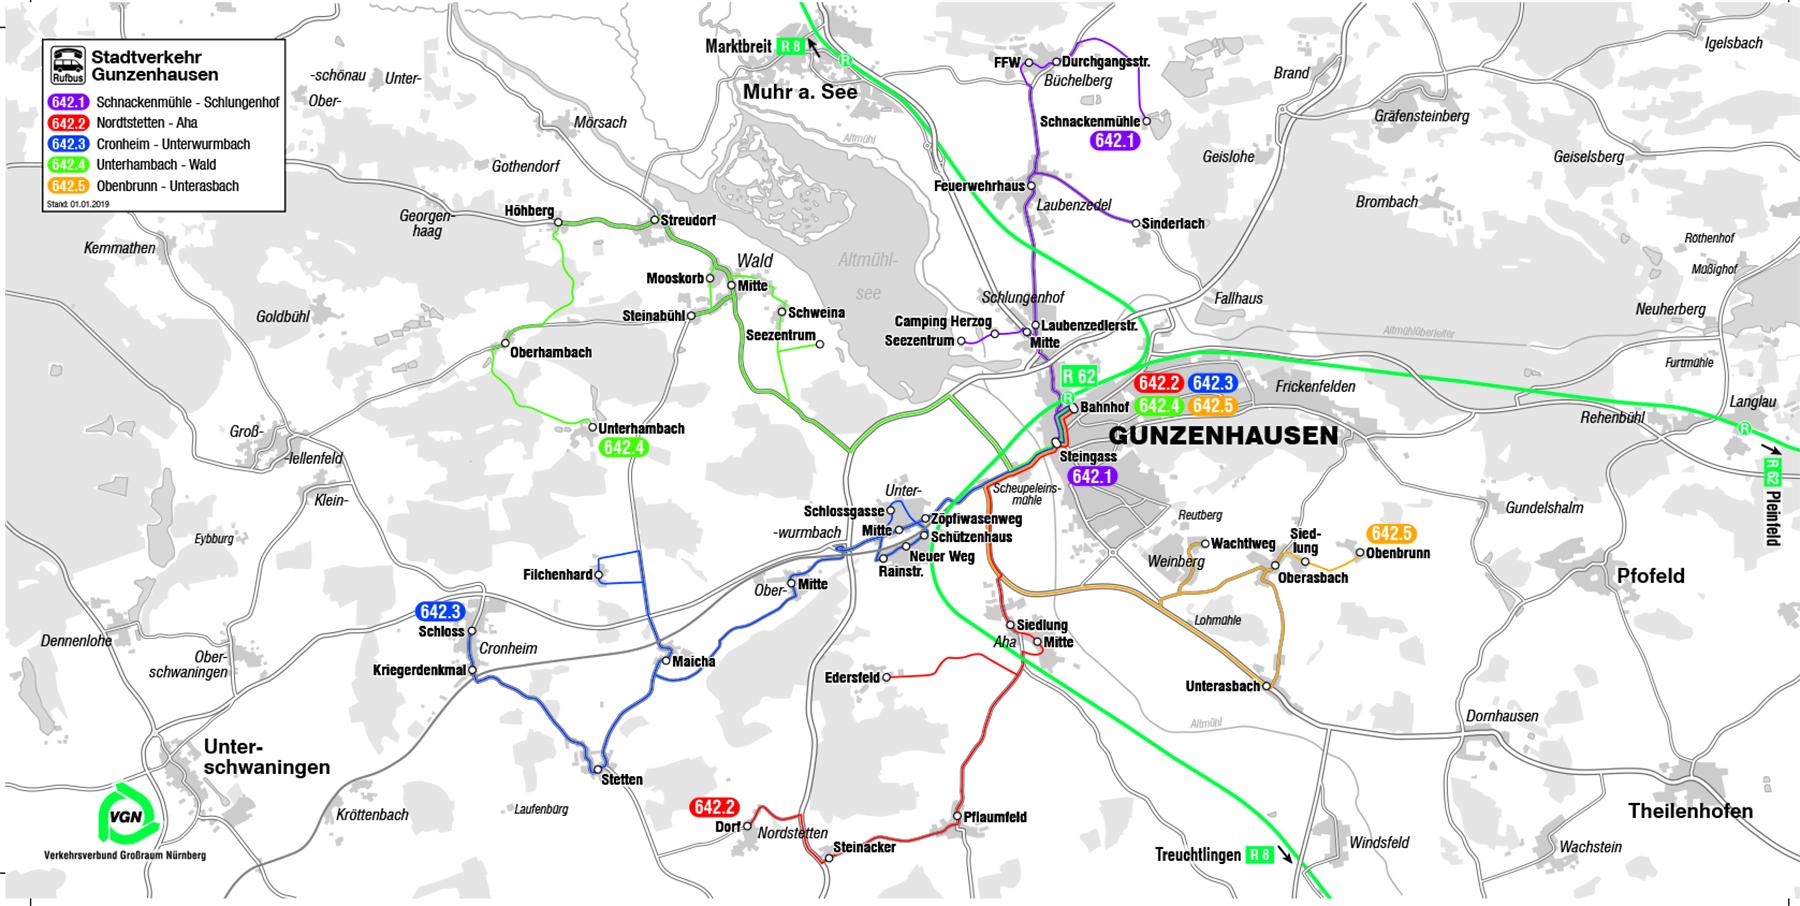 Liniennetzplan Gunzenhausen